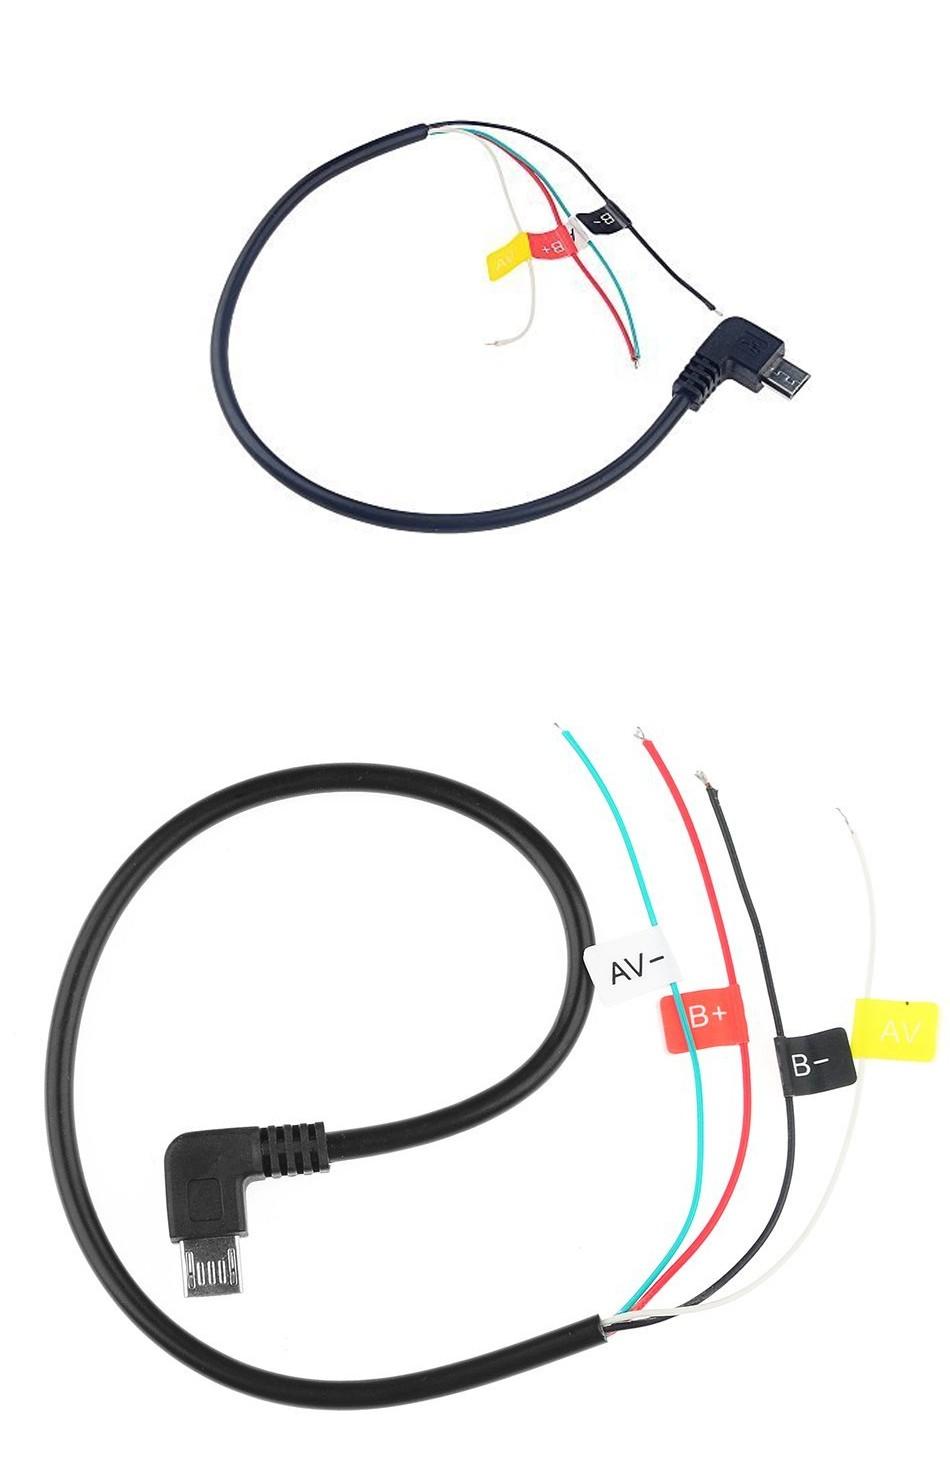 Sj4000 кабель для fpv